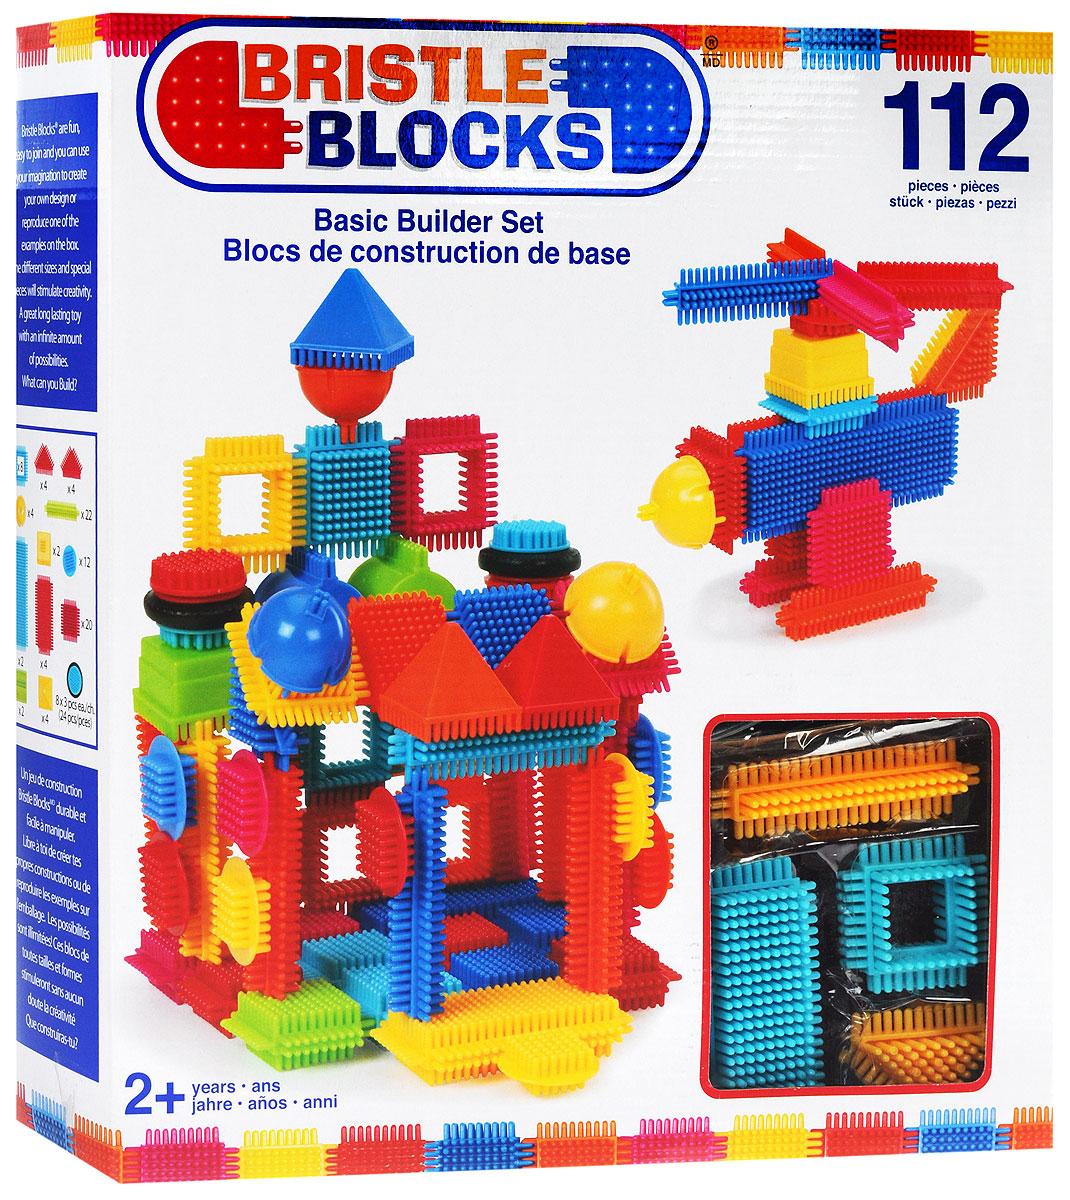 Battat Конструктор Bristle Blocks 6816868168Оригинальный игольчатый конструктор Battat Bristle Blocks - тактильный детский конструктор, который позволит вашему ребенку проявить свою фантазию. Элементы конструктора выполнены из яркого разноцветного пластика и оснащены игольчатыми сторонами, которые легко соединяются между собой практически в любой плоскости. Комплект включает 112 элементов для сборки конструктора. Игольчатый конструктор Battat Bristle Blocks поможет ребенку развить мелкую моторику рук, логическое и пространственное мышление, творческие способности, а также поможет научиться соотносить форму и величину предметов.